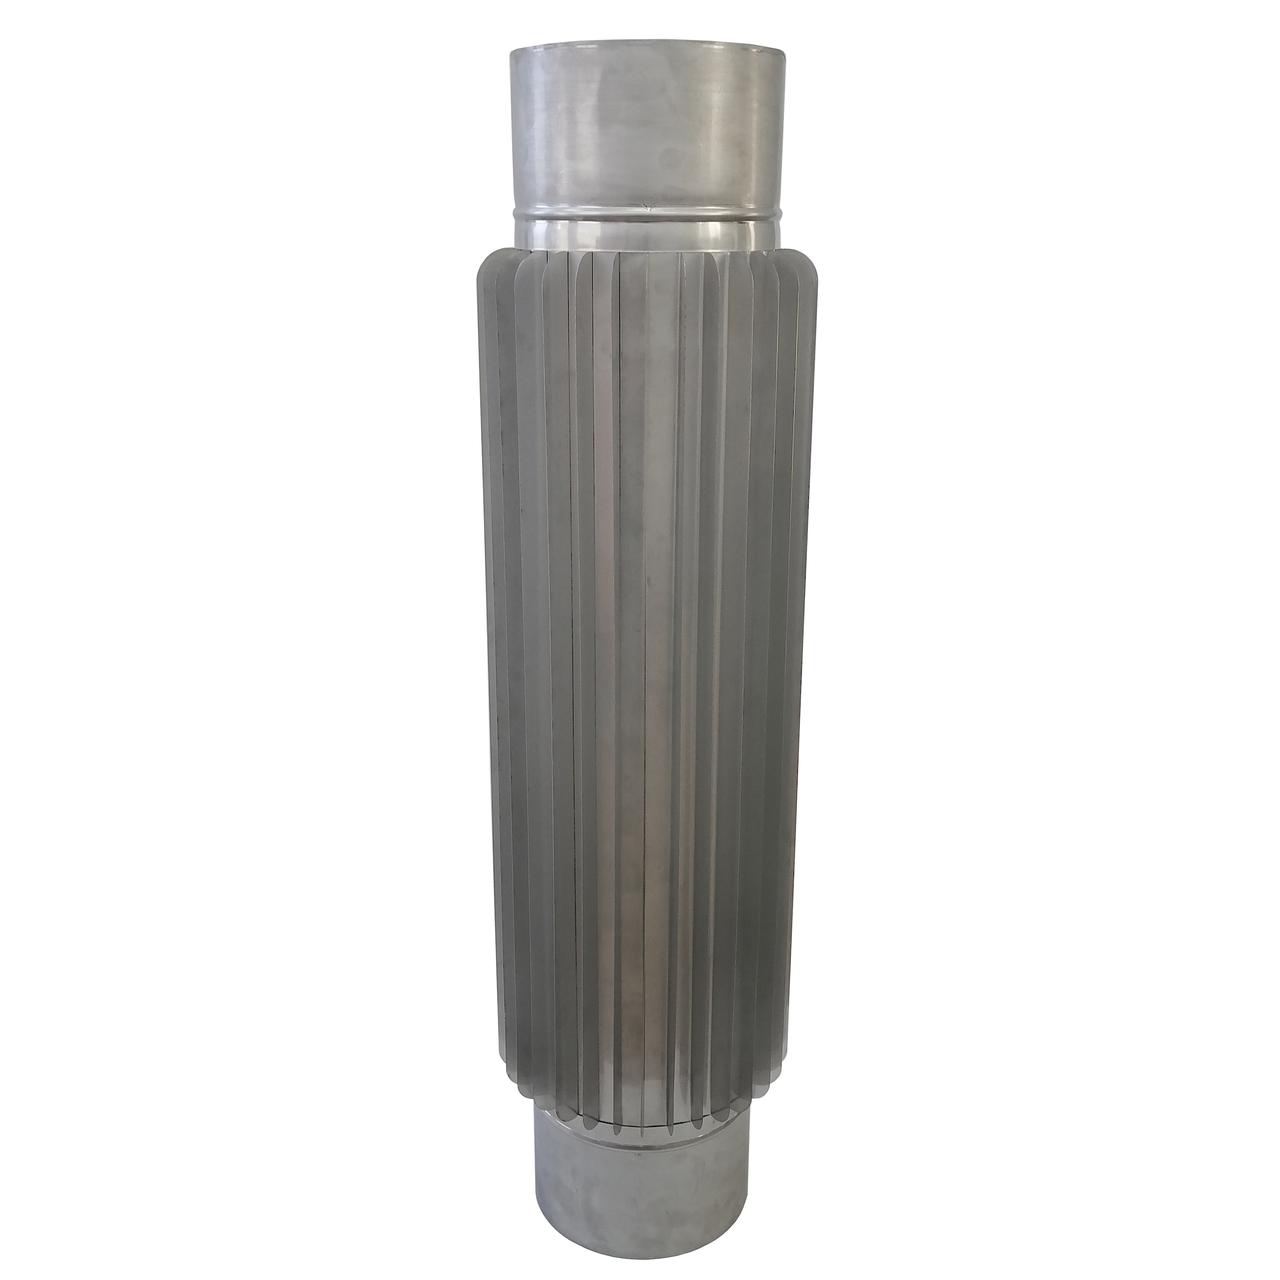 Труба-радіатор ø140 мм 1 мм 1 метр AISI 321 Stalar для димоходу сауни бані із нержавіючої сталі